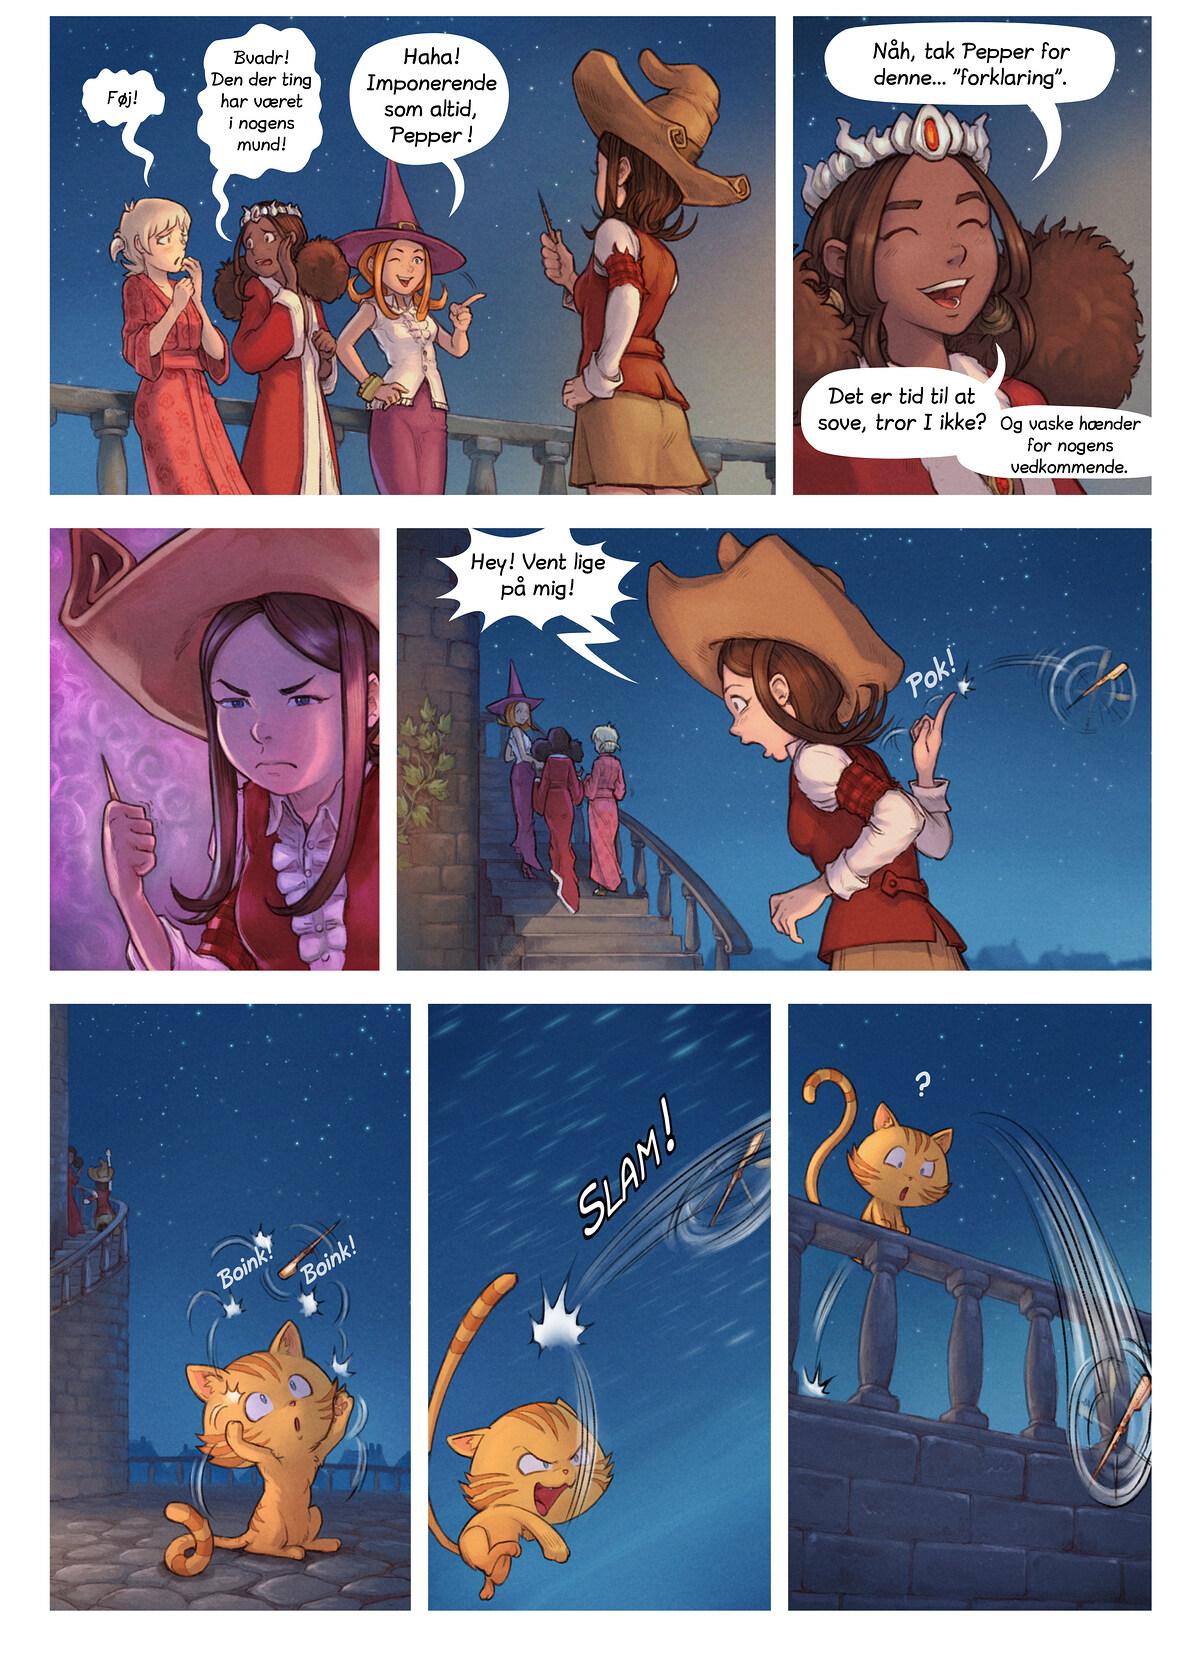 Episode 29: Verdens-ødelæggeren, Page 4